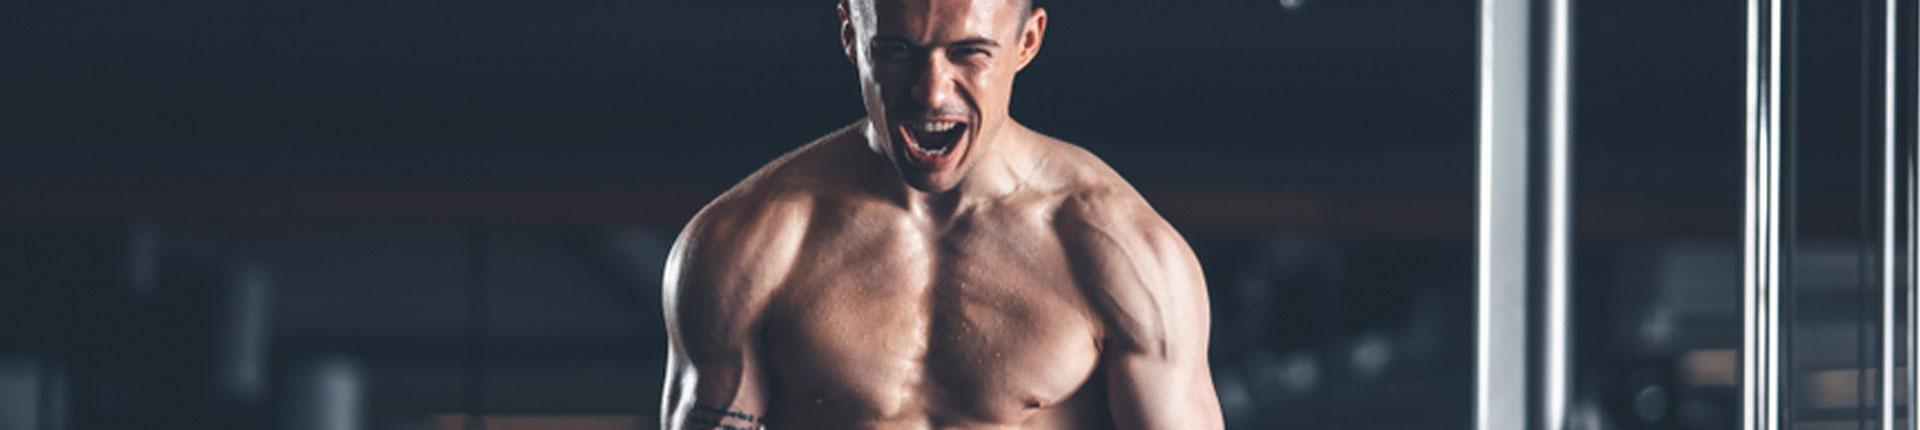 Trenować do upadku mięśniowego czy nie? Cz. I